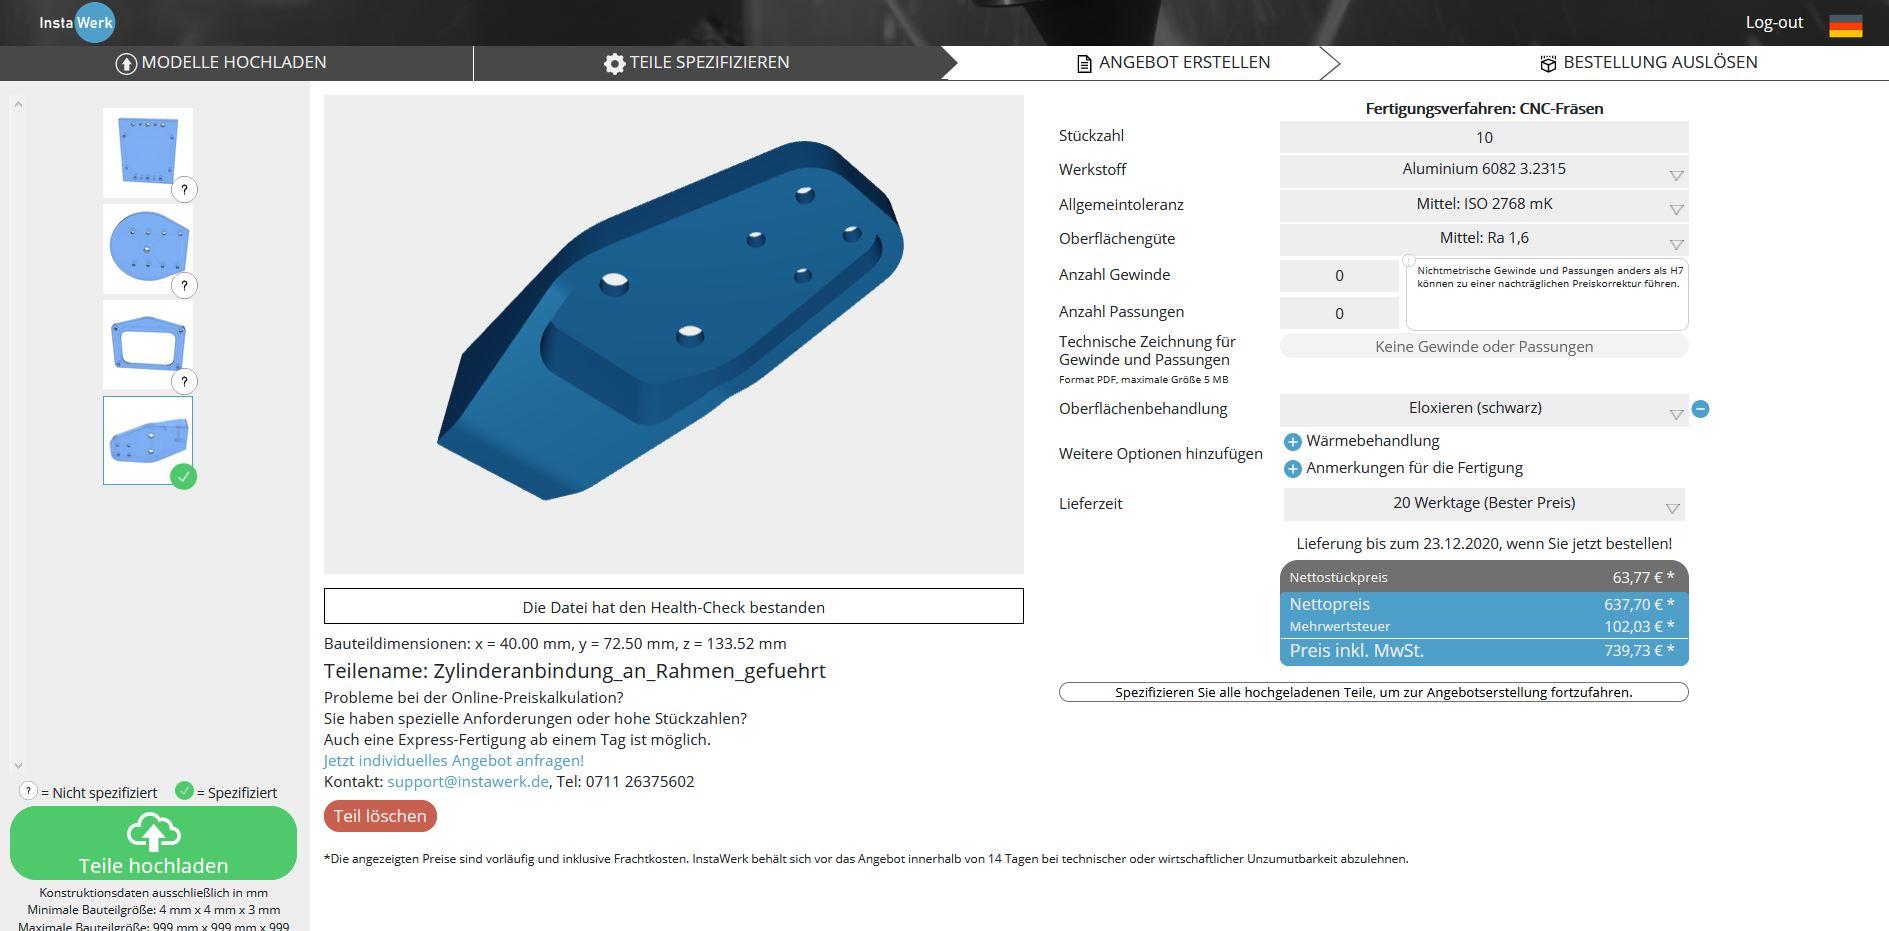 Diverse Nachbehandlungen und Wärmebahndlungen für CNC-Teile jetzt im Online-Konfigurator